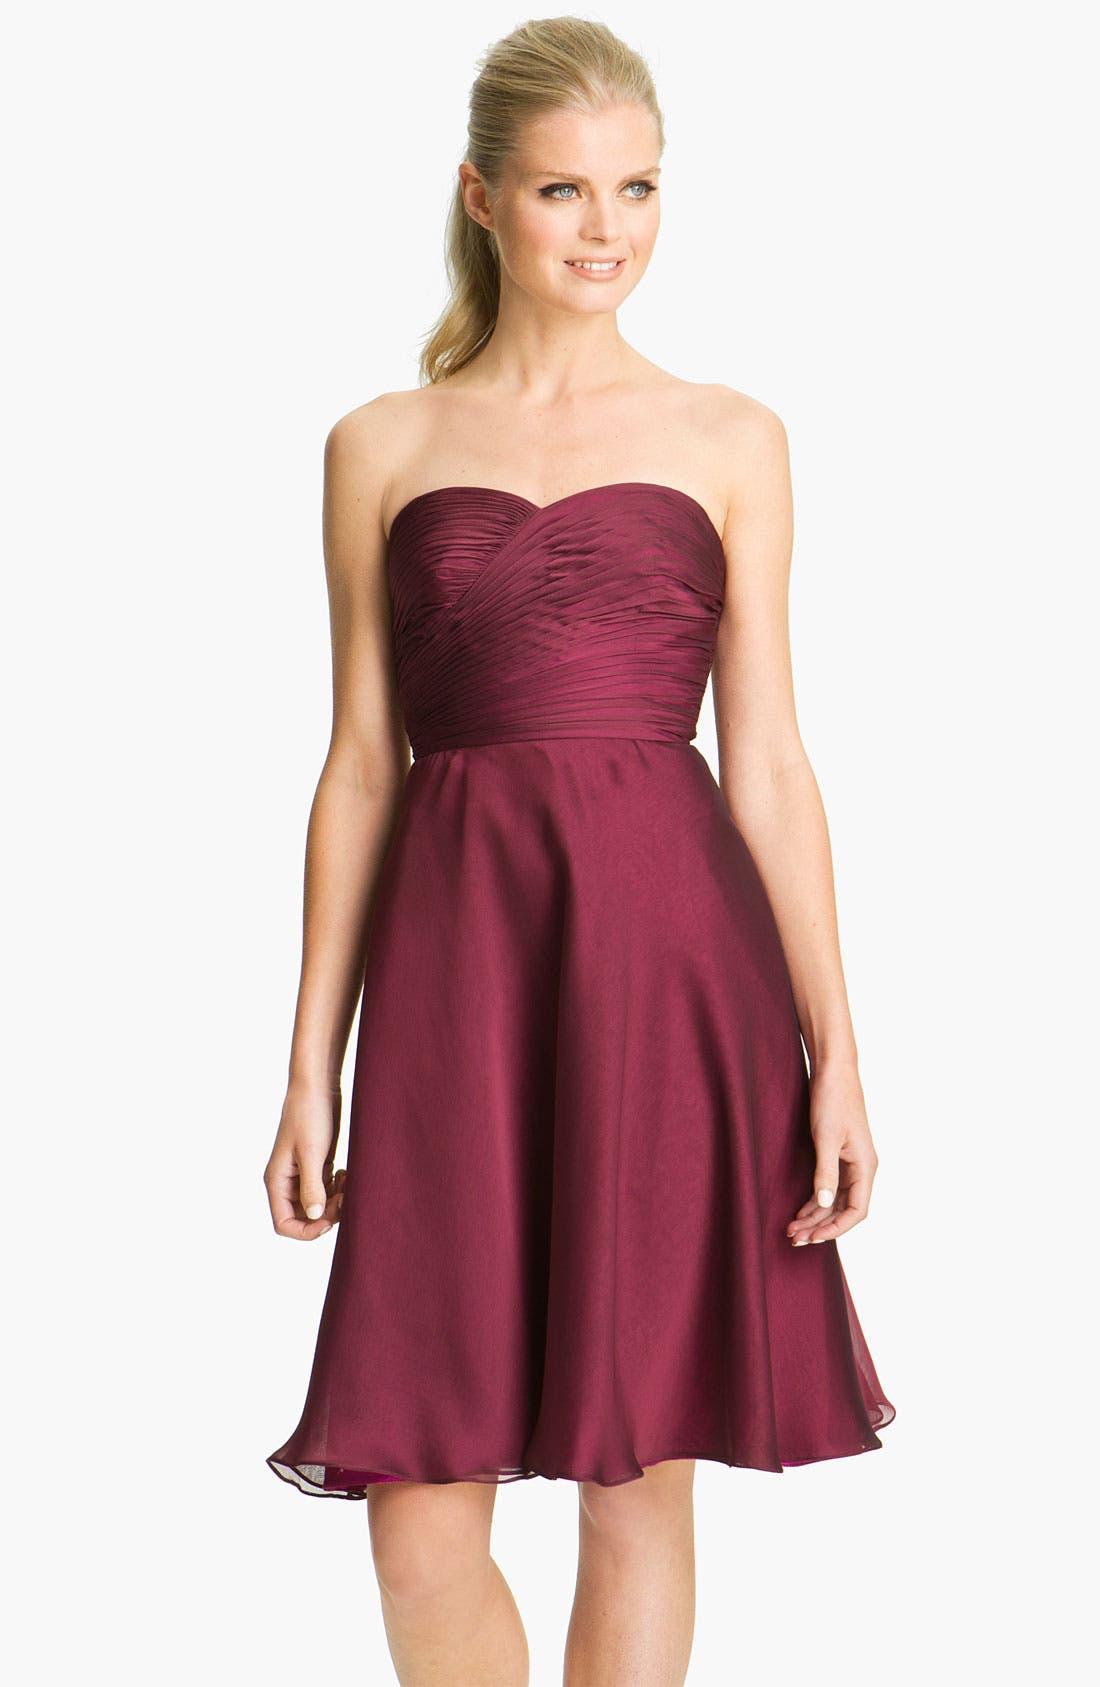 MONIQUE LHUILLIER BRIDESMAIDS, ML Monique Lhuillier Bridesmaids Pleated Chiffon Sweetheart Dress, Main thumbnail 1, color, 930